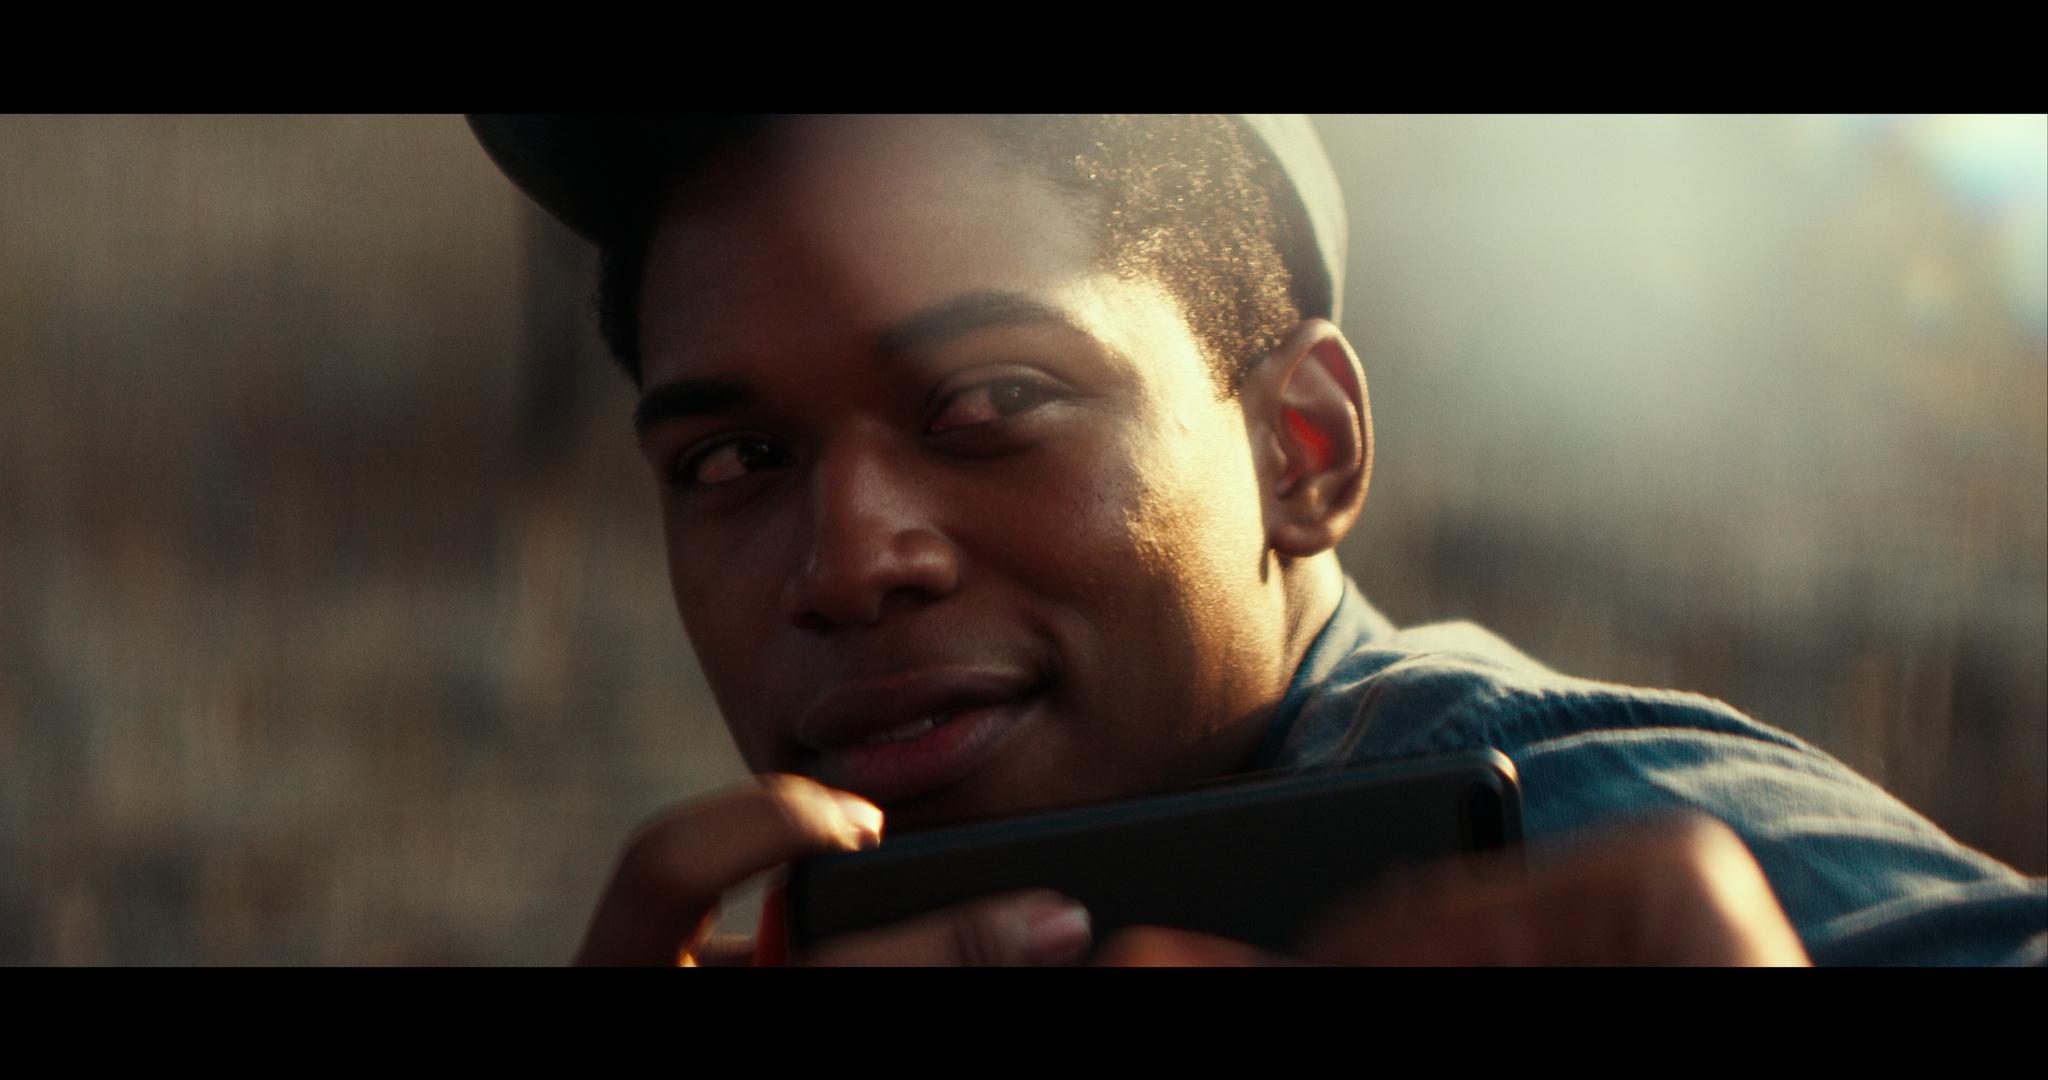 """The First Trailer For """"Monster"""" Starring Kelvin Harrison Jr. Has Arrived"""